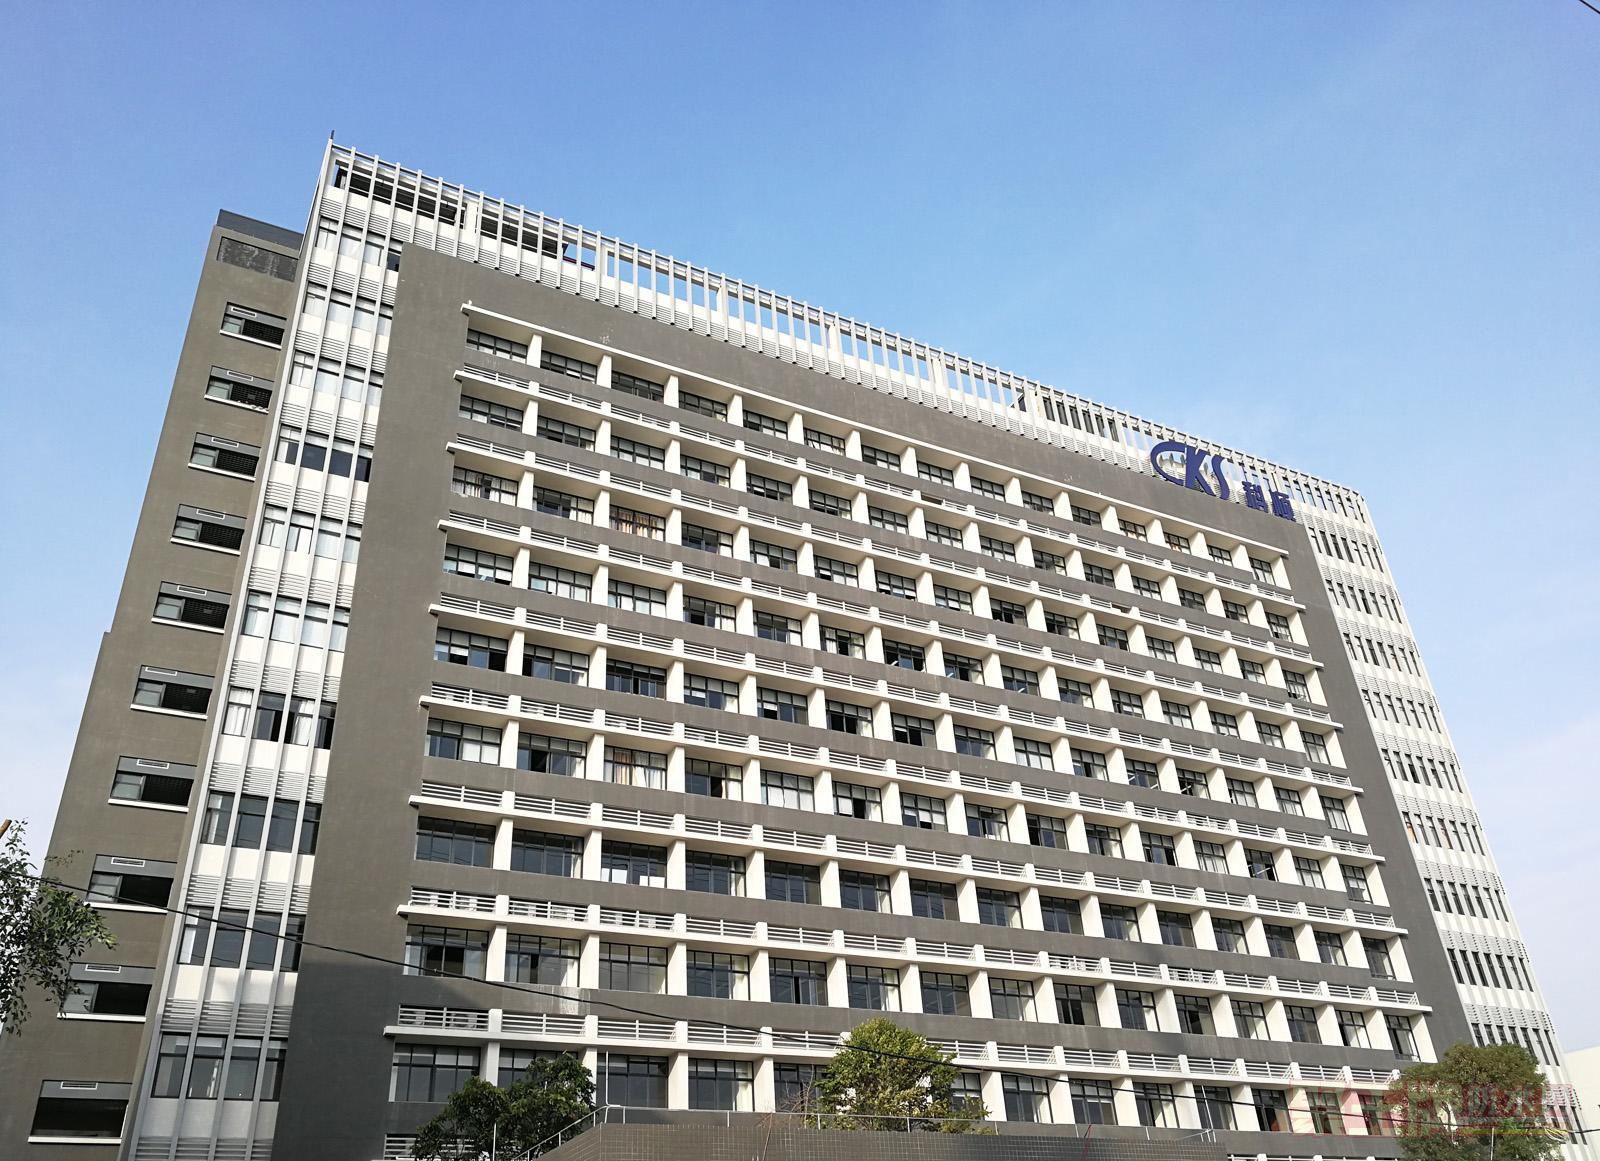 防水名企动态:科顺股份拟出资1亿在广西设立全资子公司